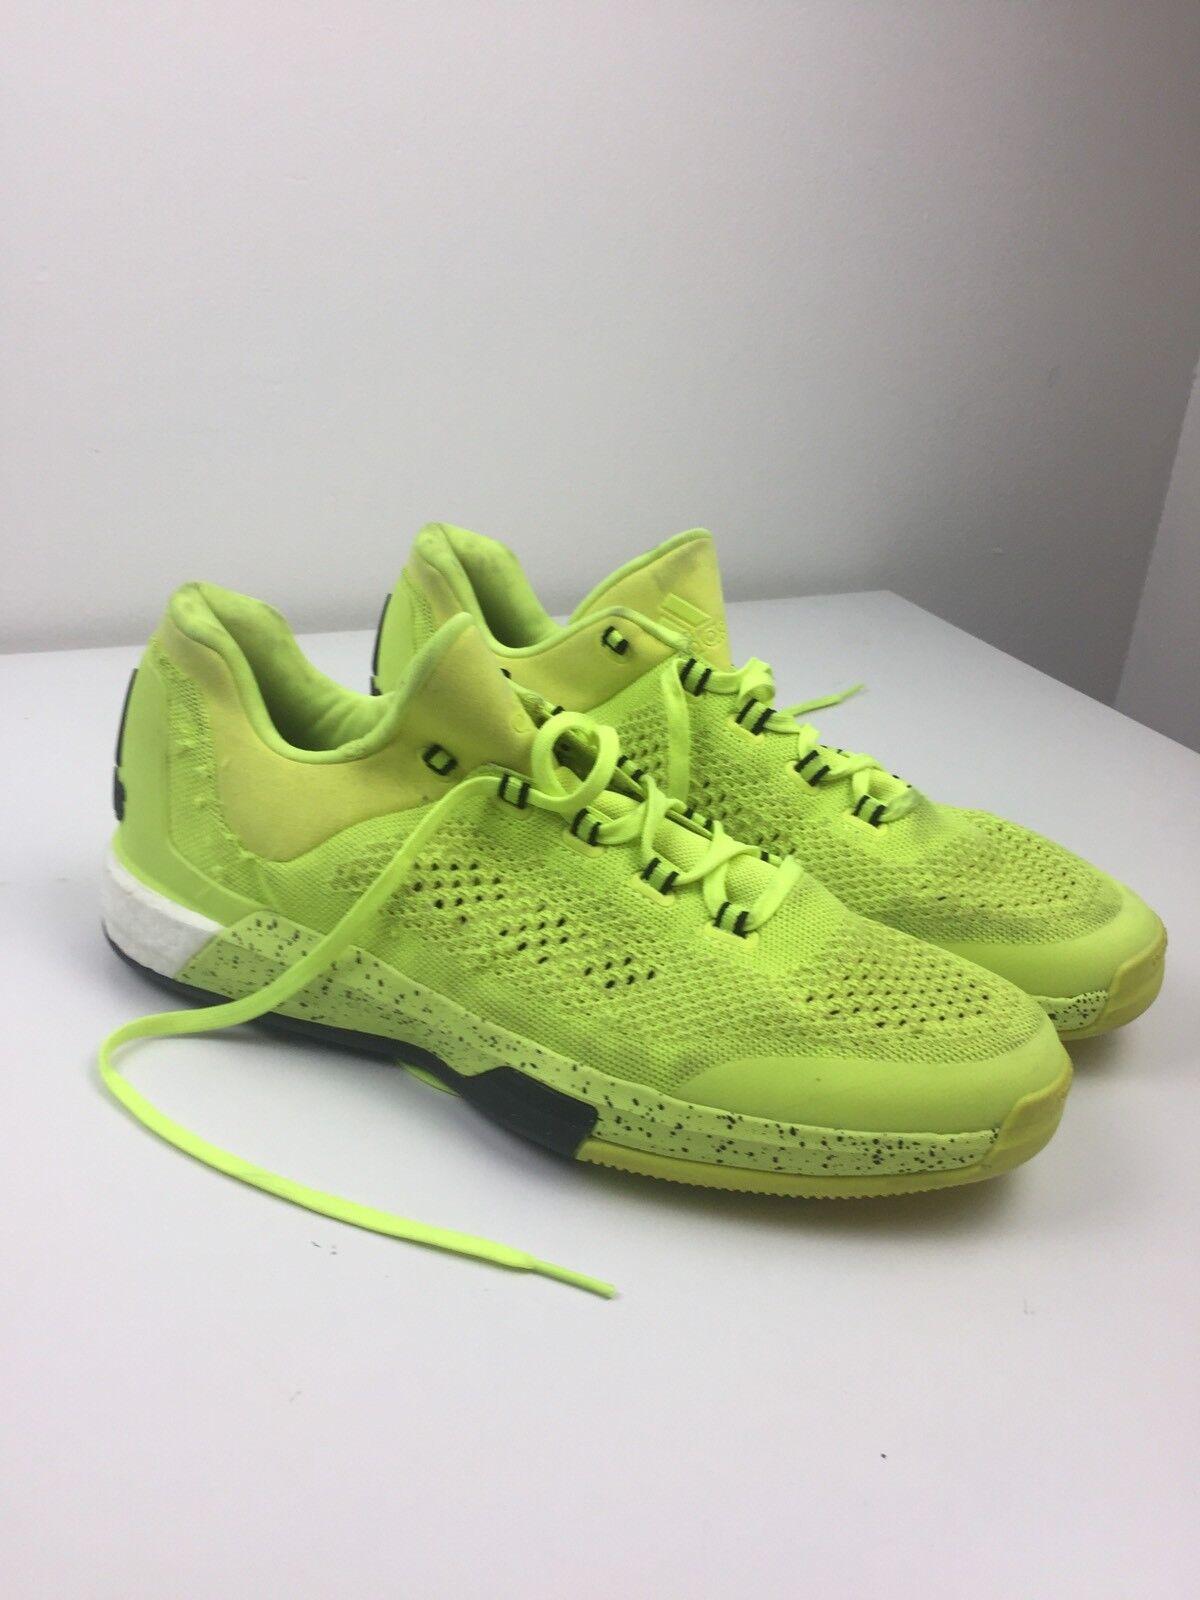 Adidas strana luce giallo neon scarpe s84954 2015 dimensioni  mens 17 | Grande Vendita Di Liquidazione  | Uomo/Donne Scarpa